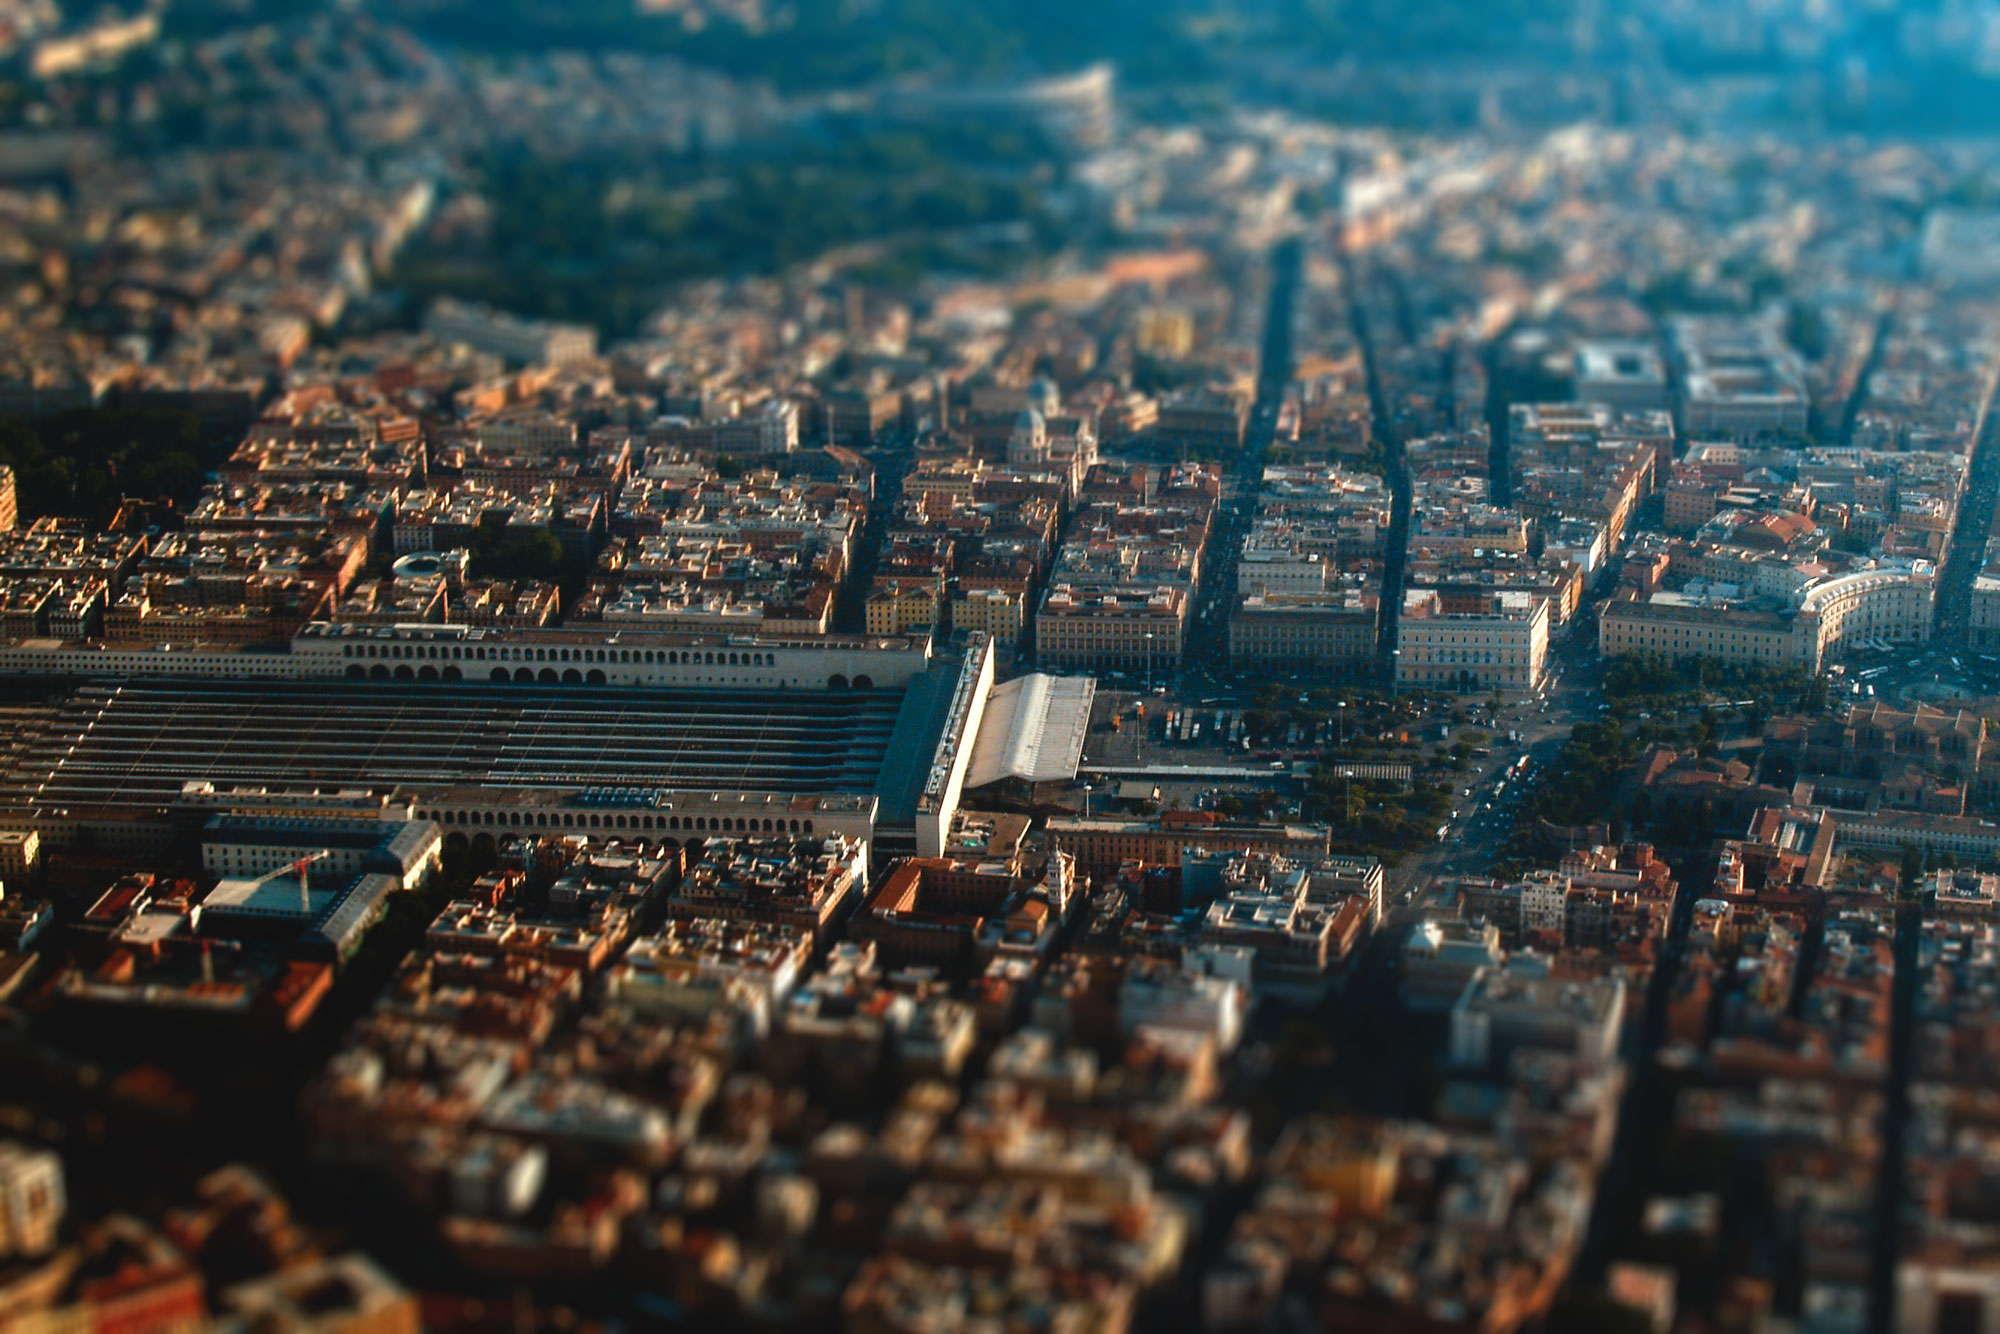 Stazione Termini dall'alto